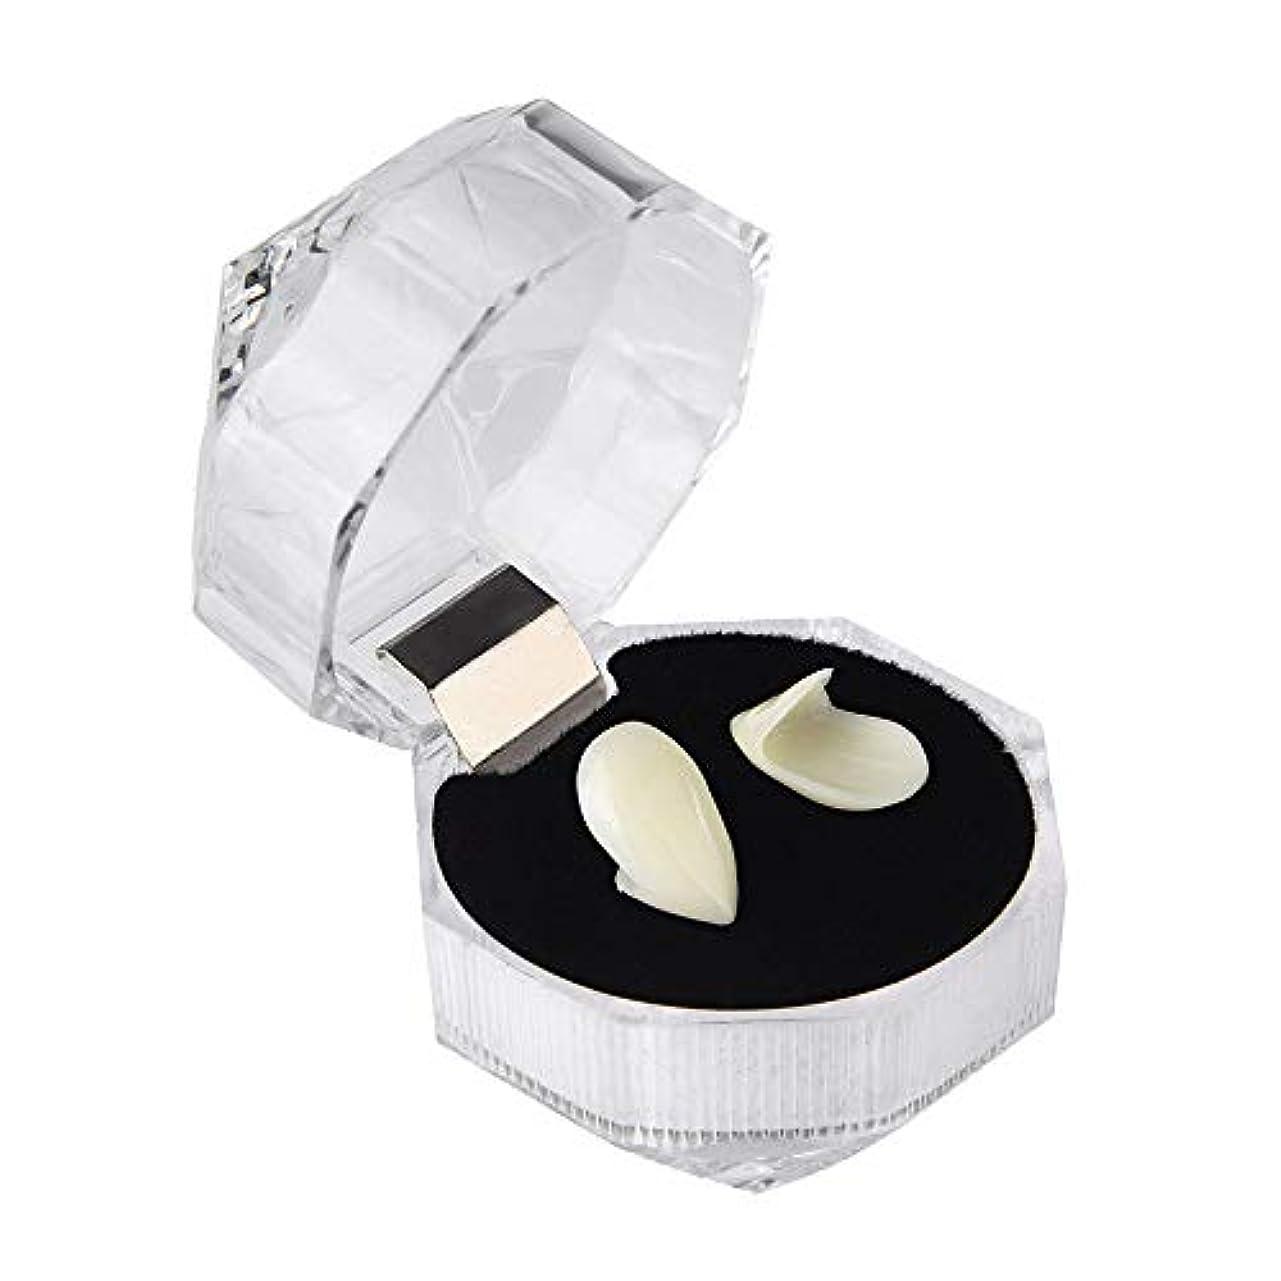 汚す暗殺者絶滅したユニセックスハロウィンロールプレイングゾンビ義歯、樹脂にやさしい食品グレード義歯(歯のジェル付き),13mm